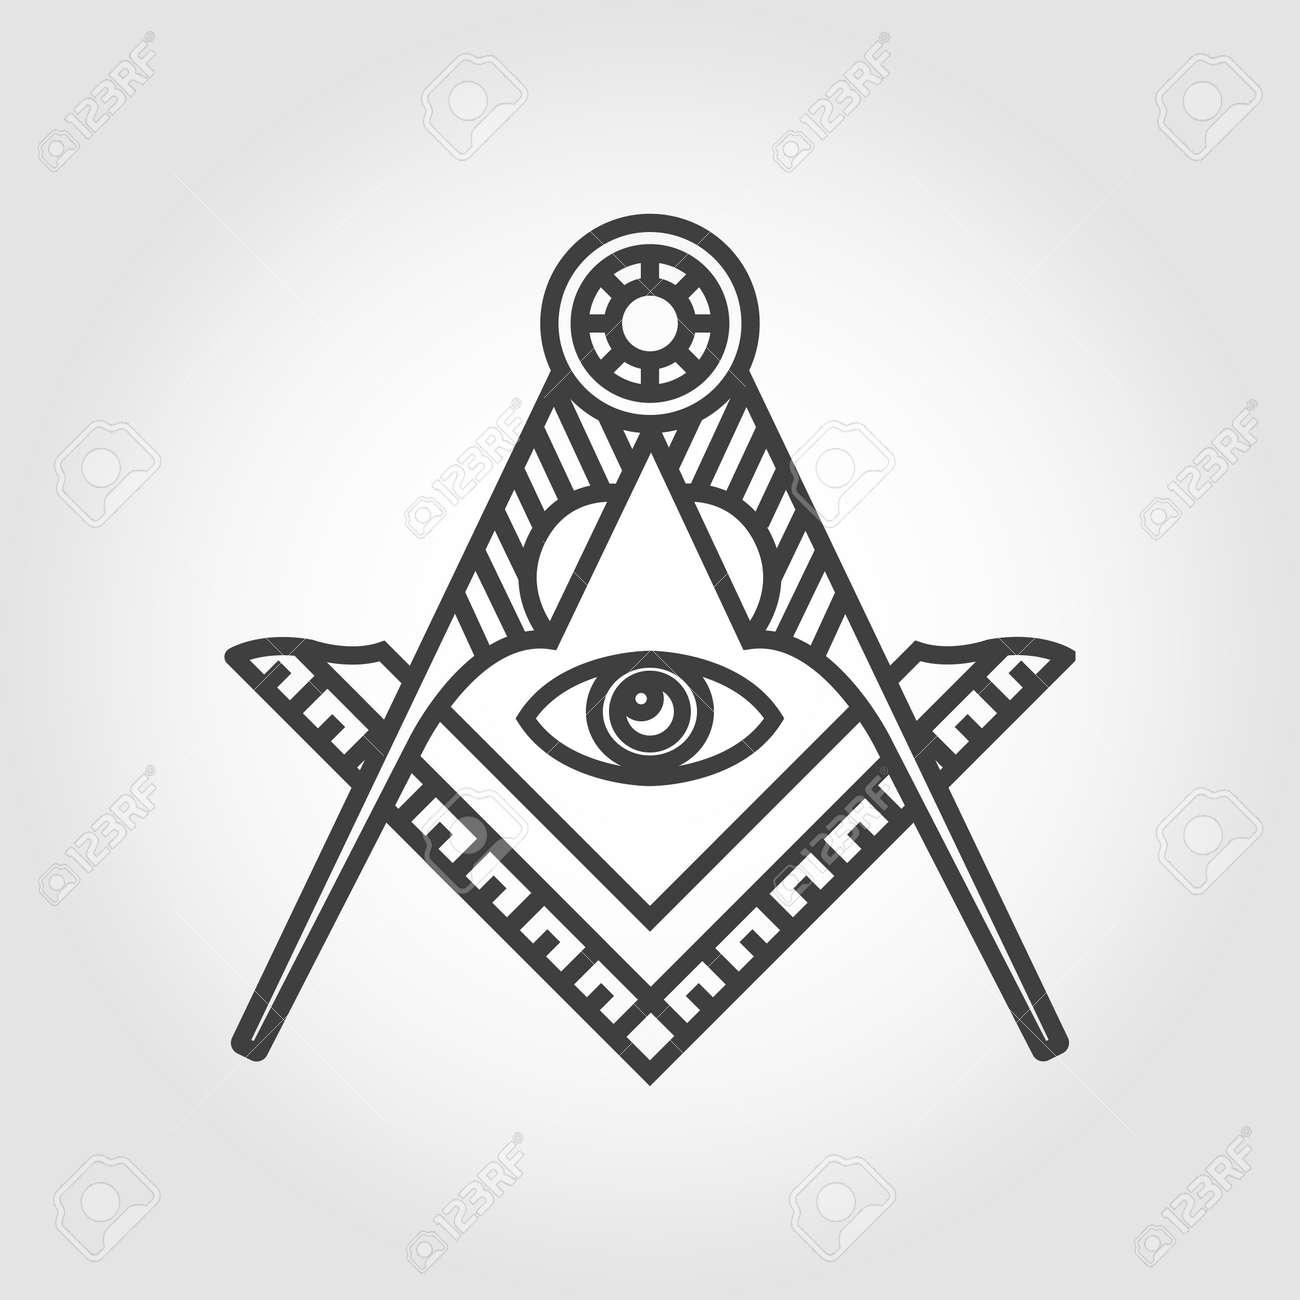 Vector grey masonic freemasonry emblem icon on grey background